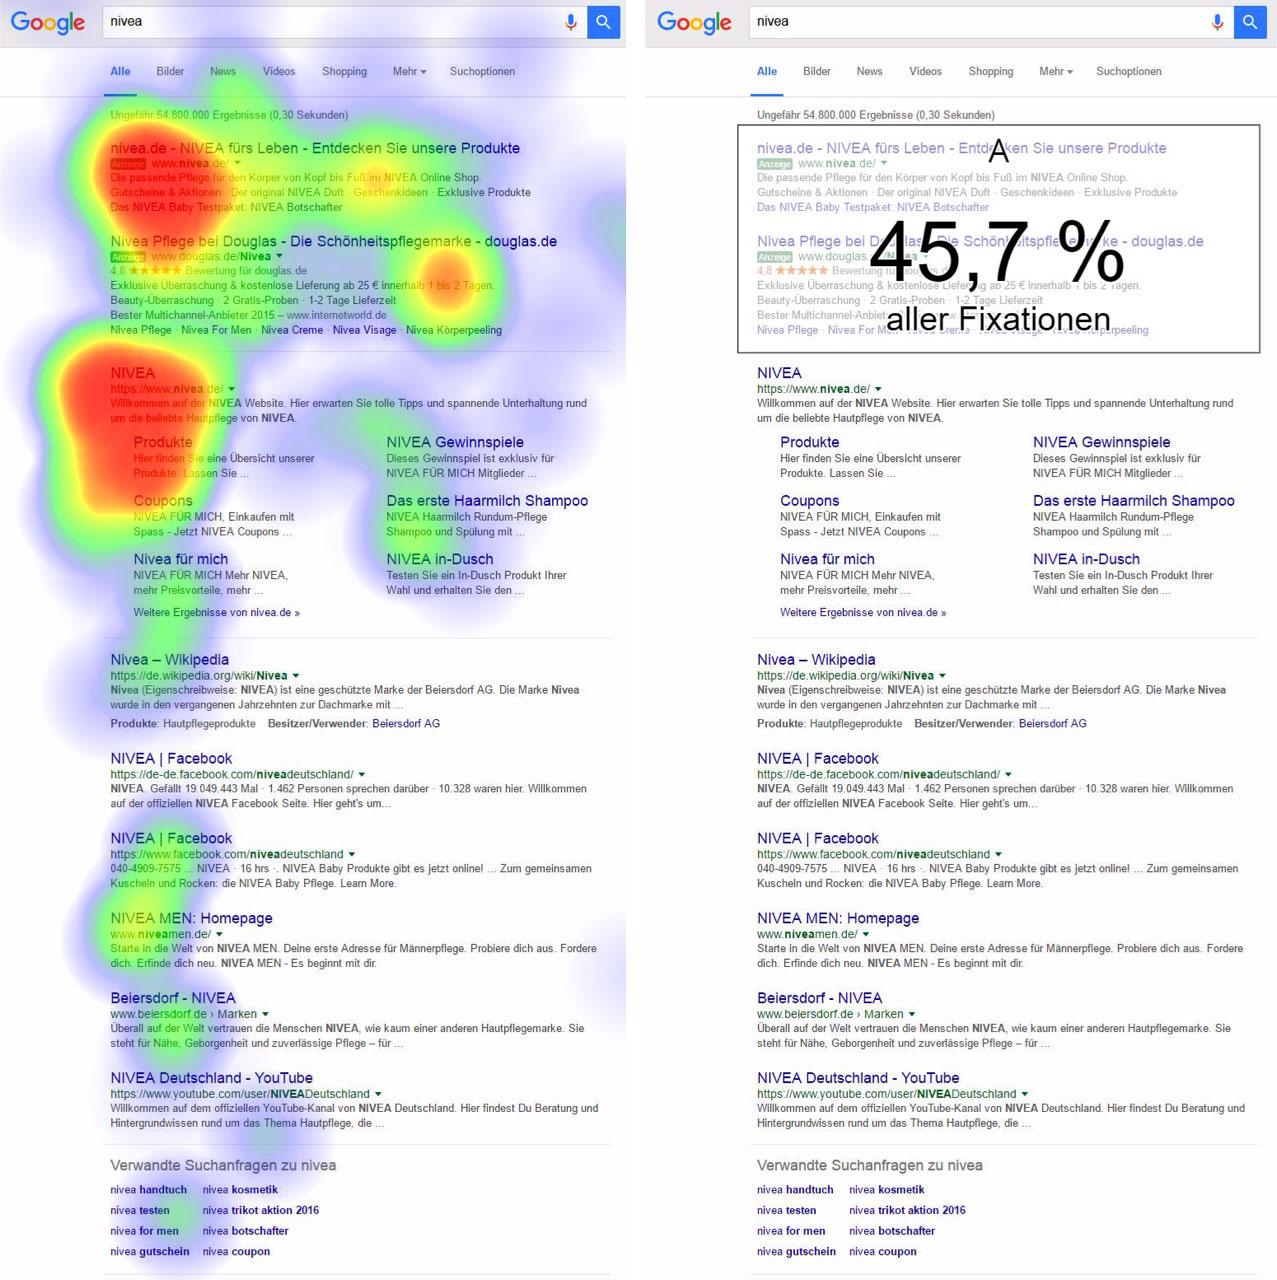 Heatmap der Google SERPs. 45% aller Fixationen liegen im Anzeigen-Bereich